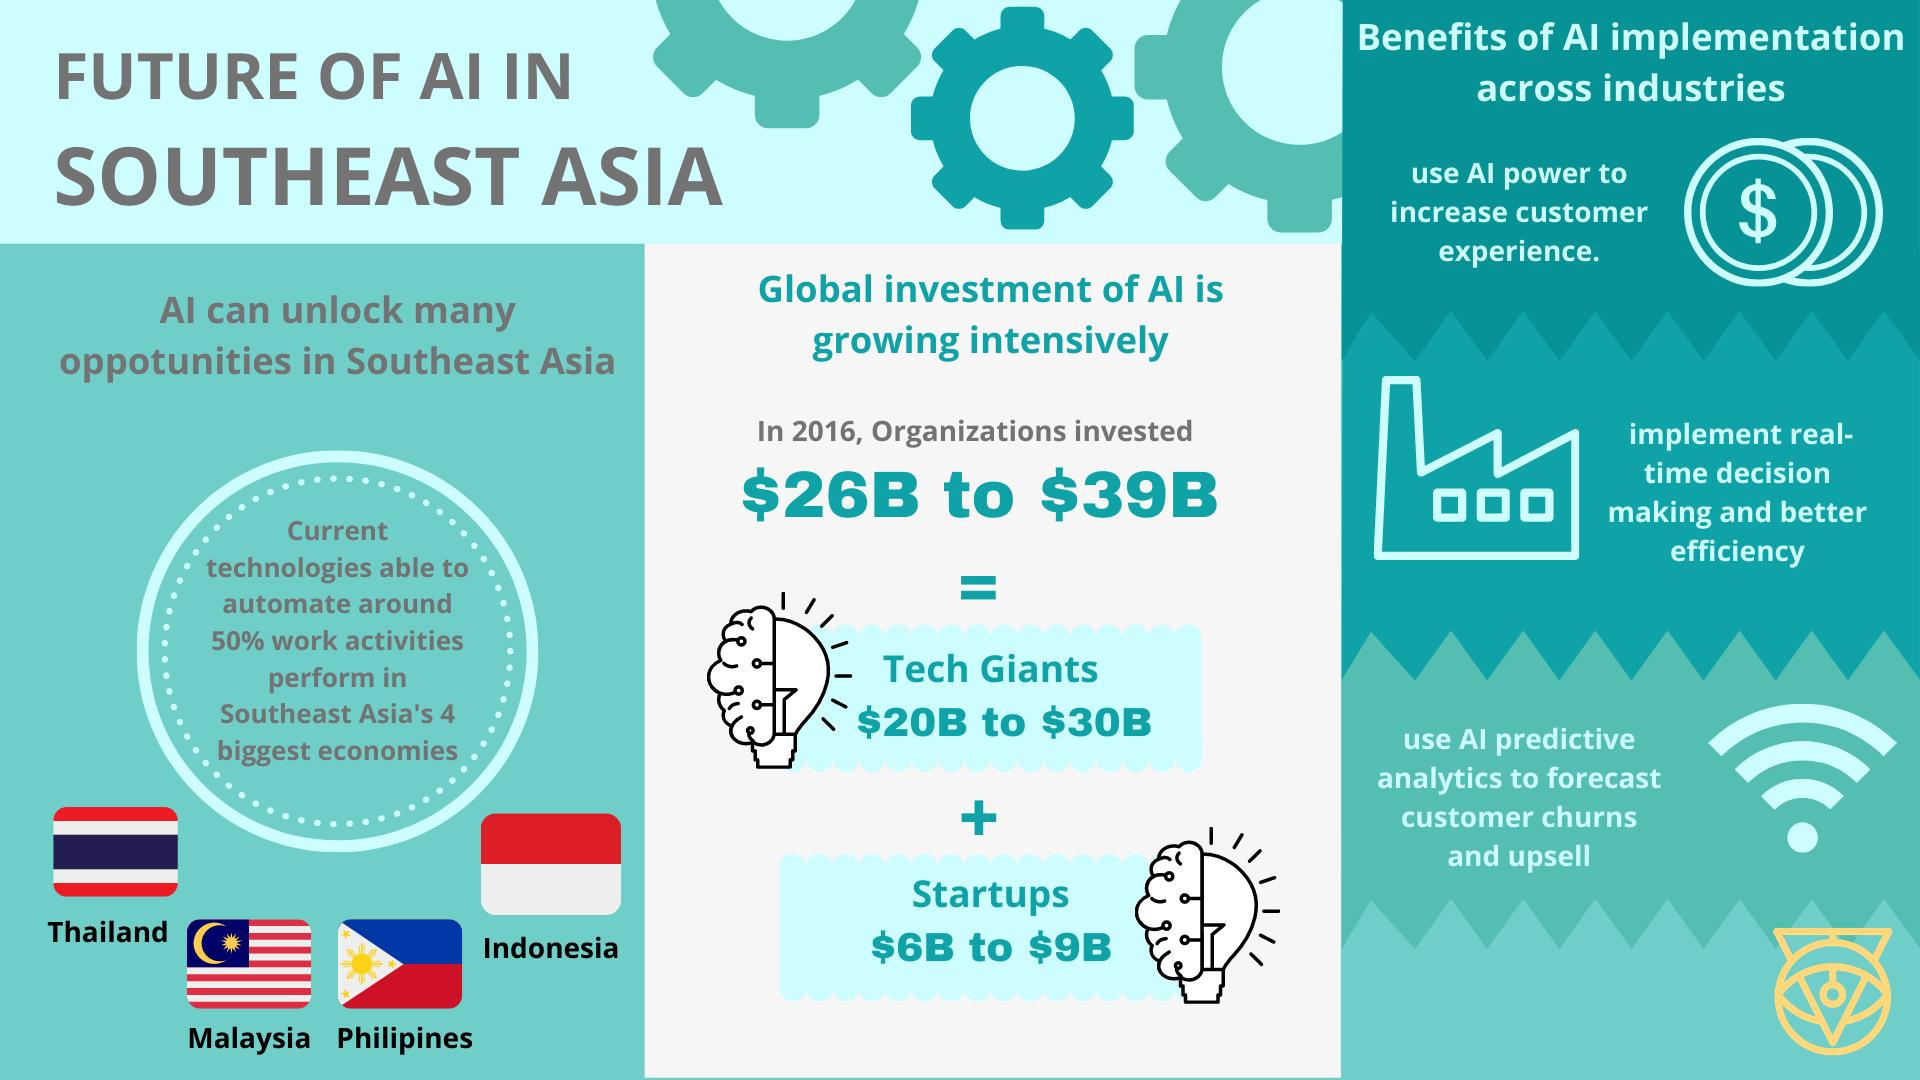 The Future of AI in Southeast Asia